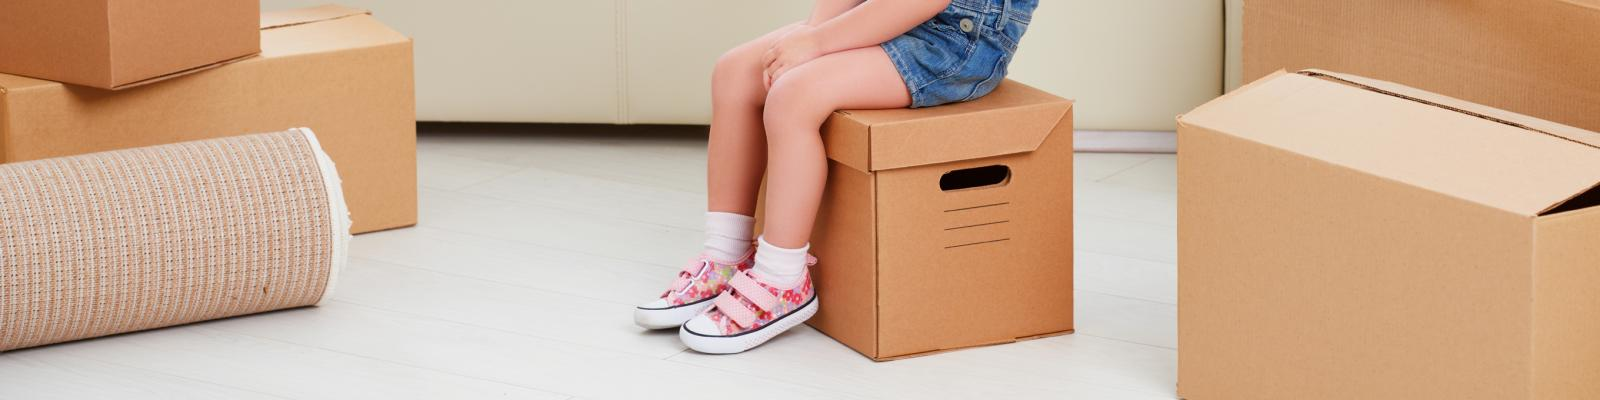 klein meisje zit op verhuisdoos